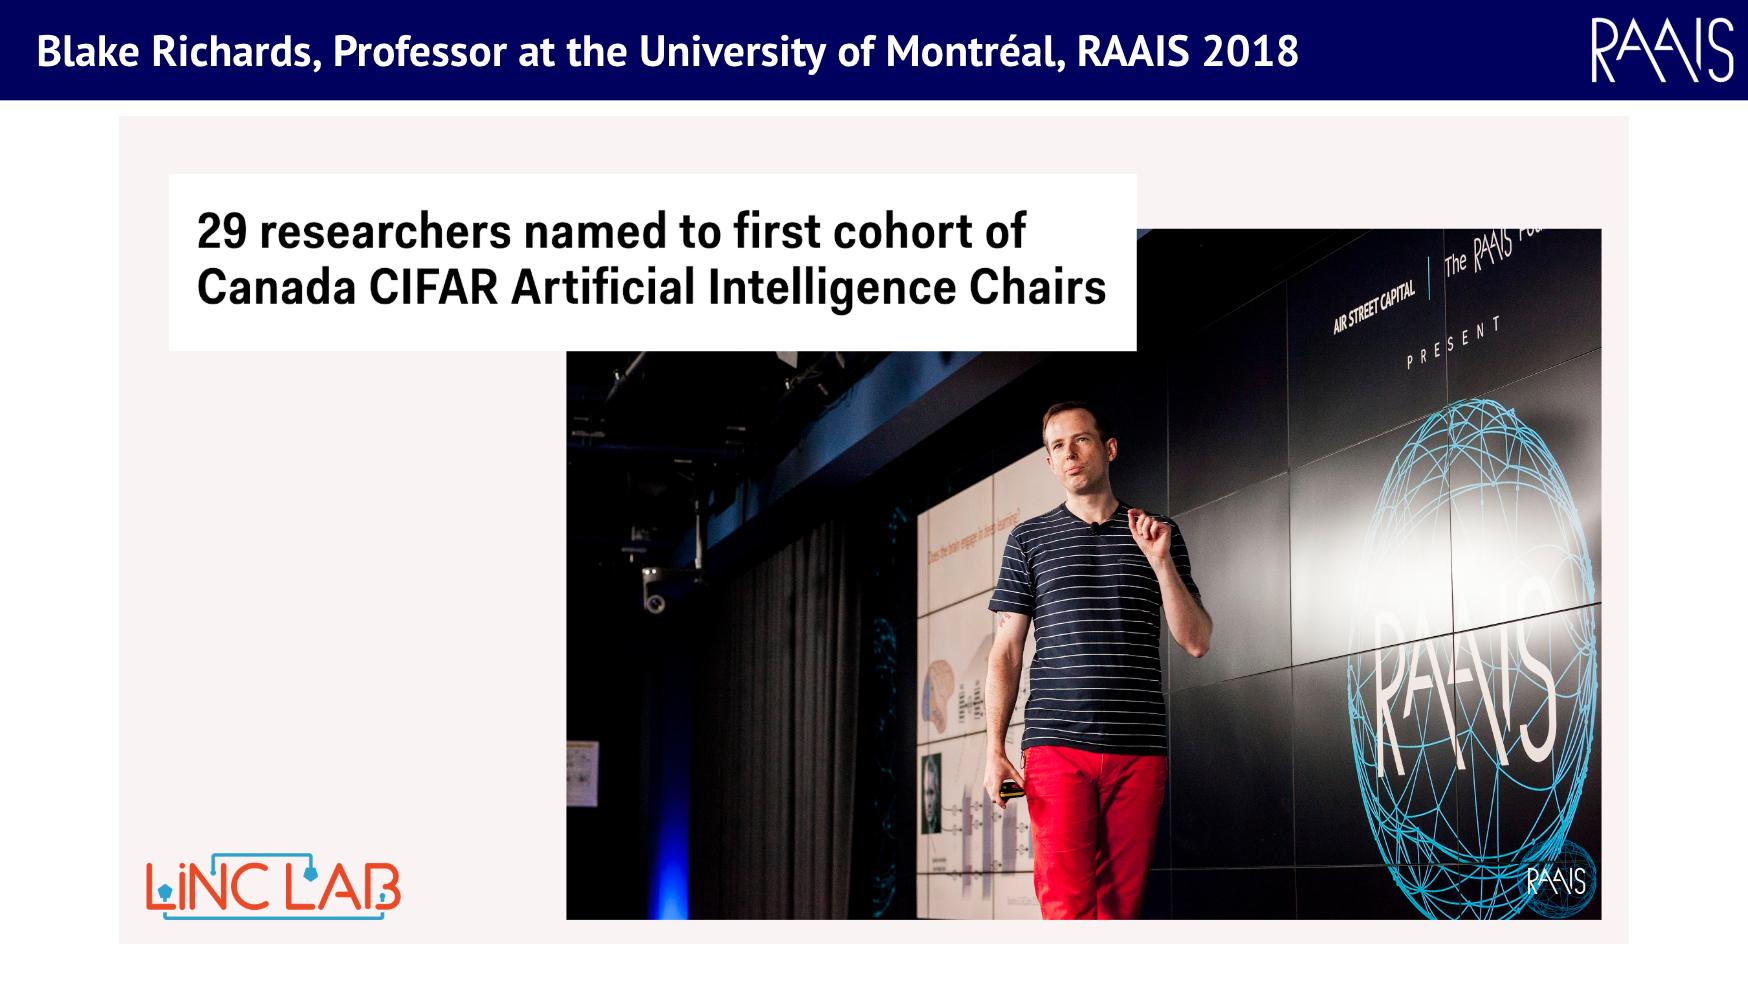 Blake Richard, University of Montreal, CIFAR, RAAIS 2018